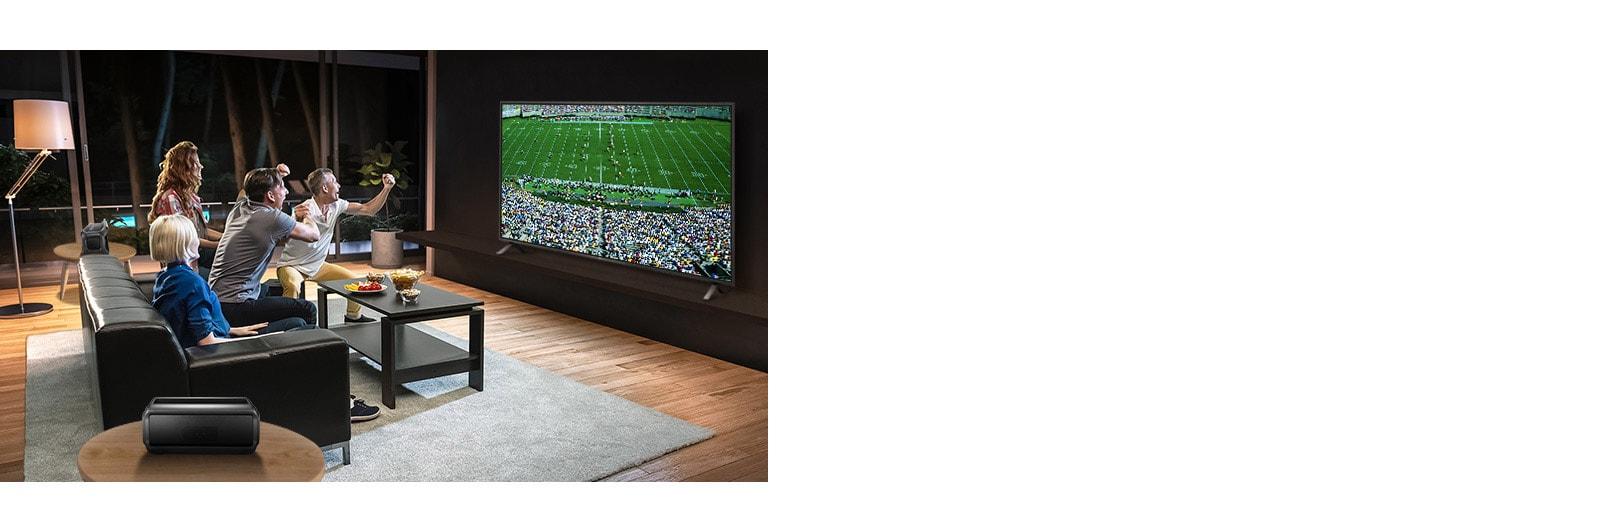 Ljudje gledajo športno tekmo na televiziji v dnevni sobi z zadnjimi zvočniki Bluetooth.